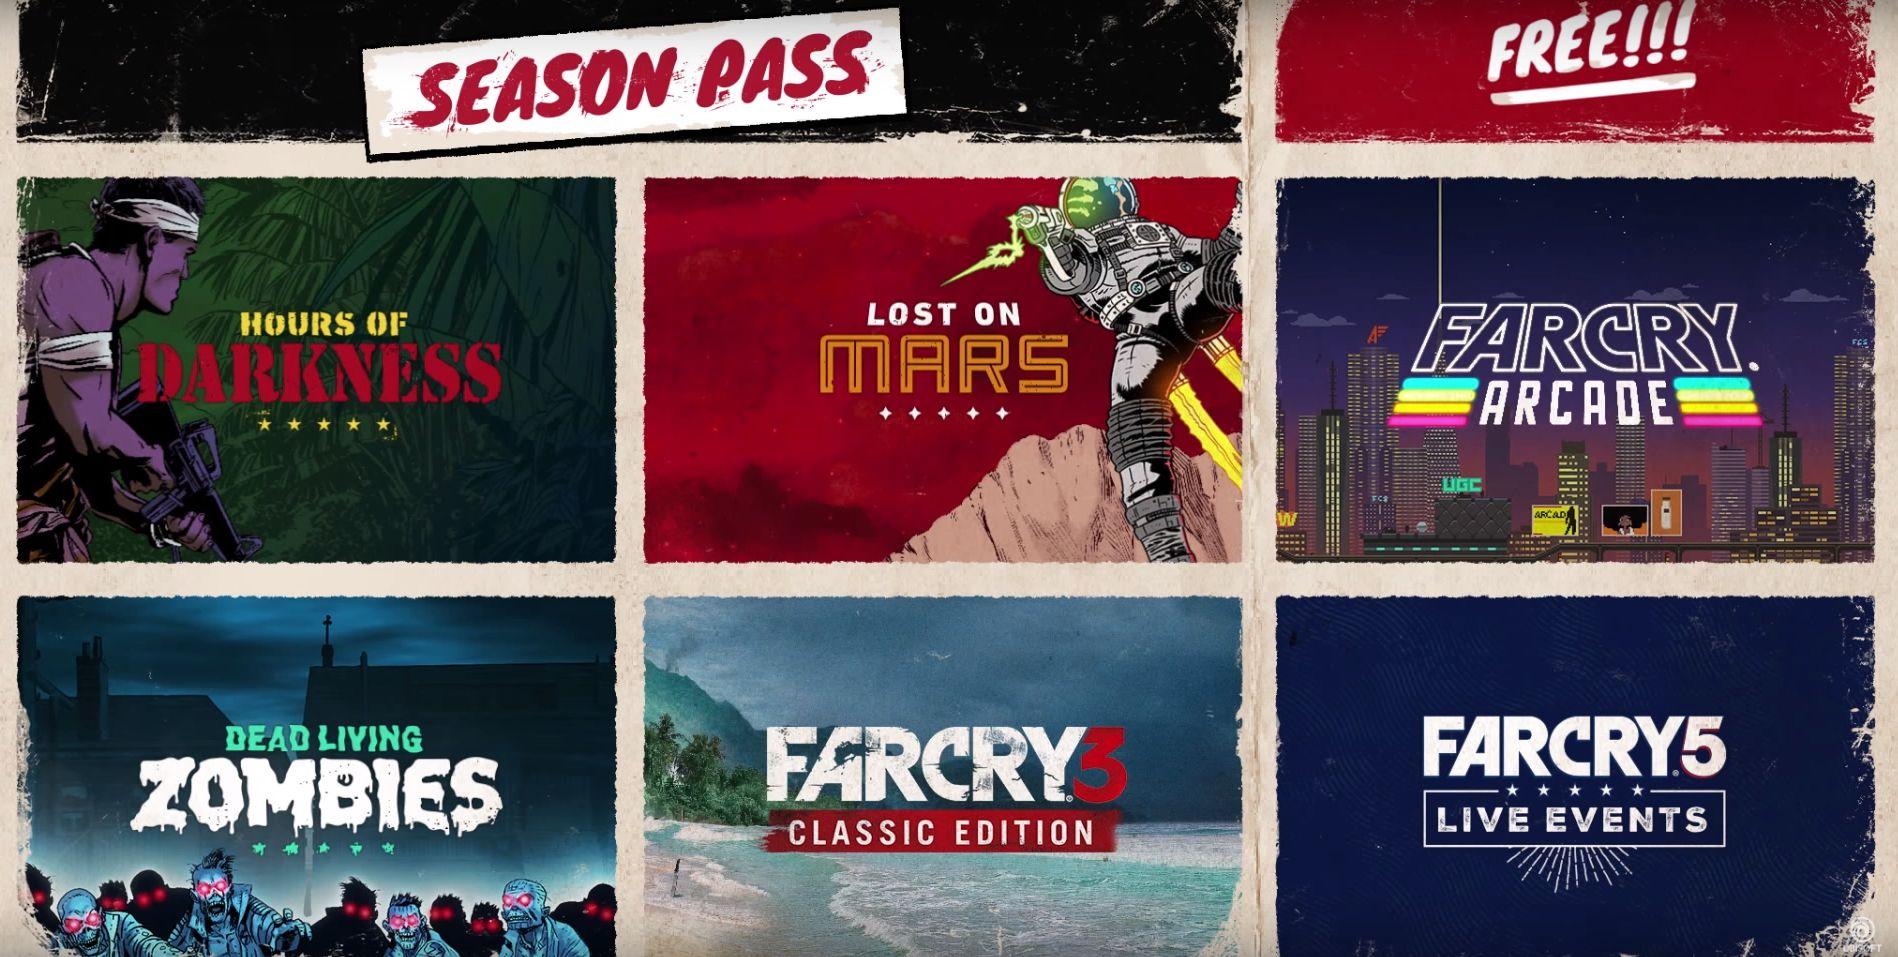 Pase de Temporada de Far Cry 5